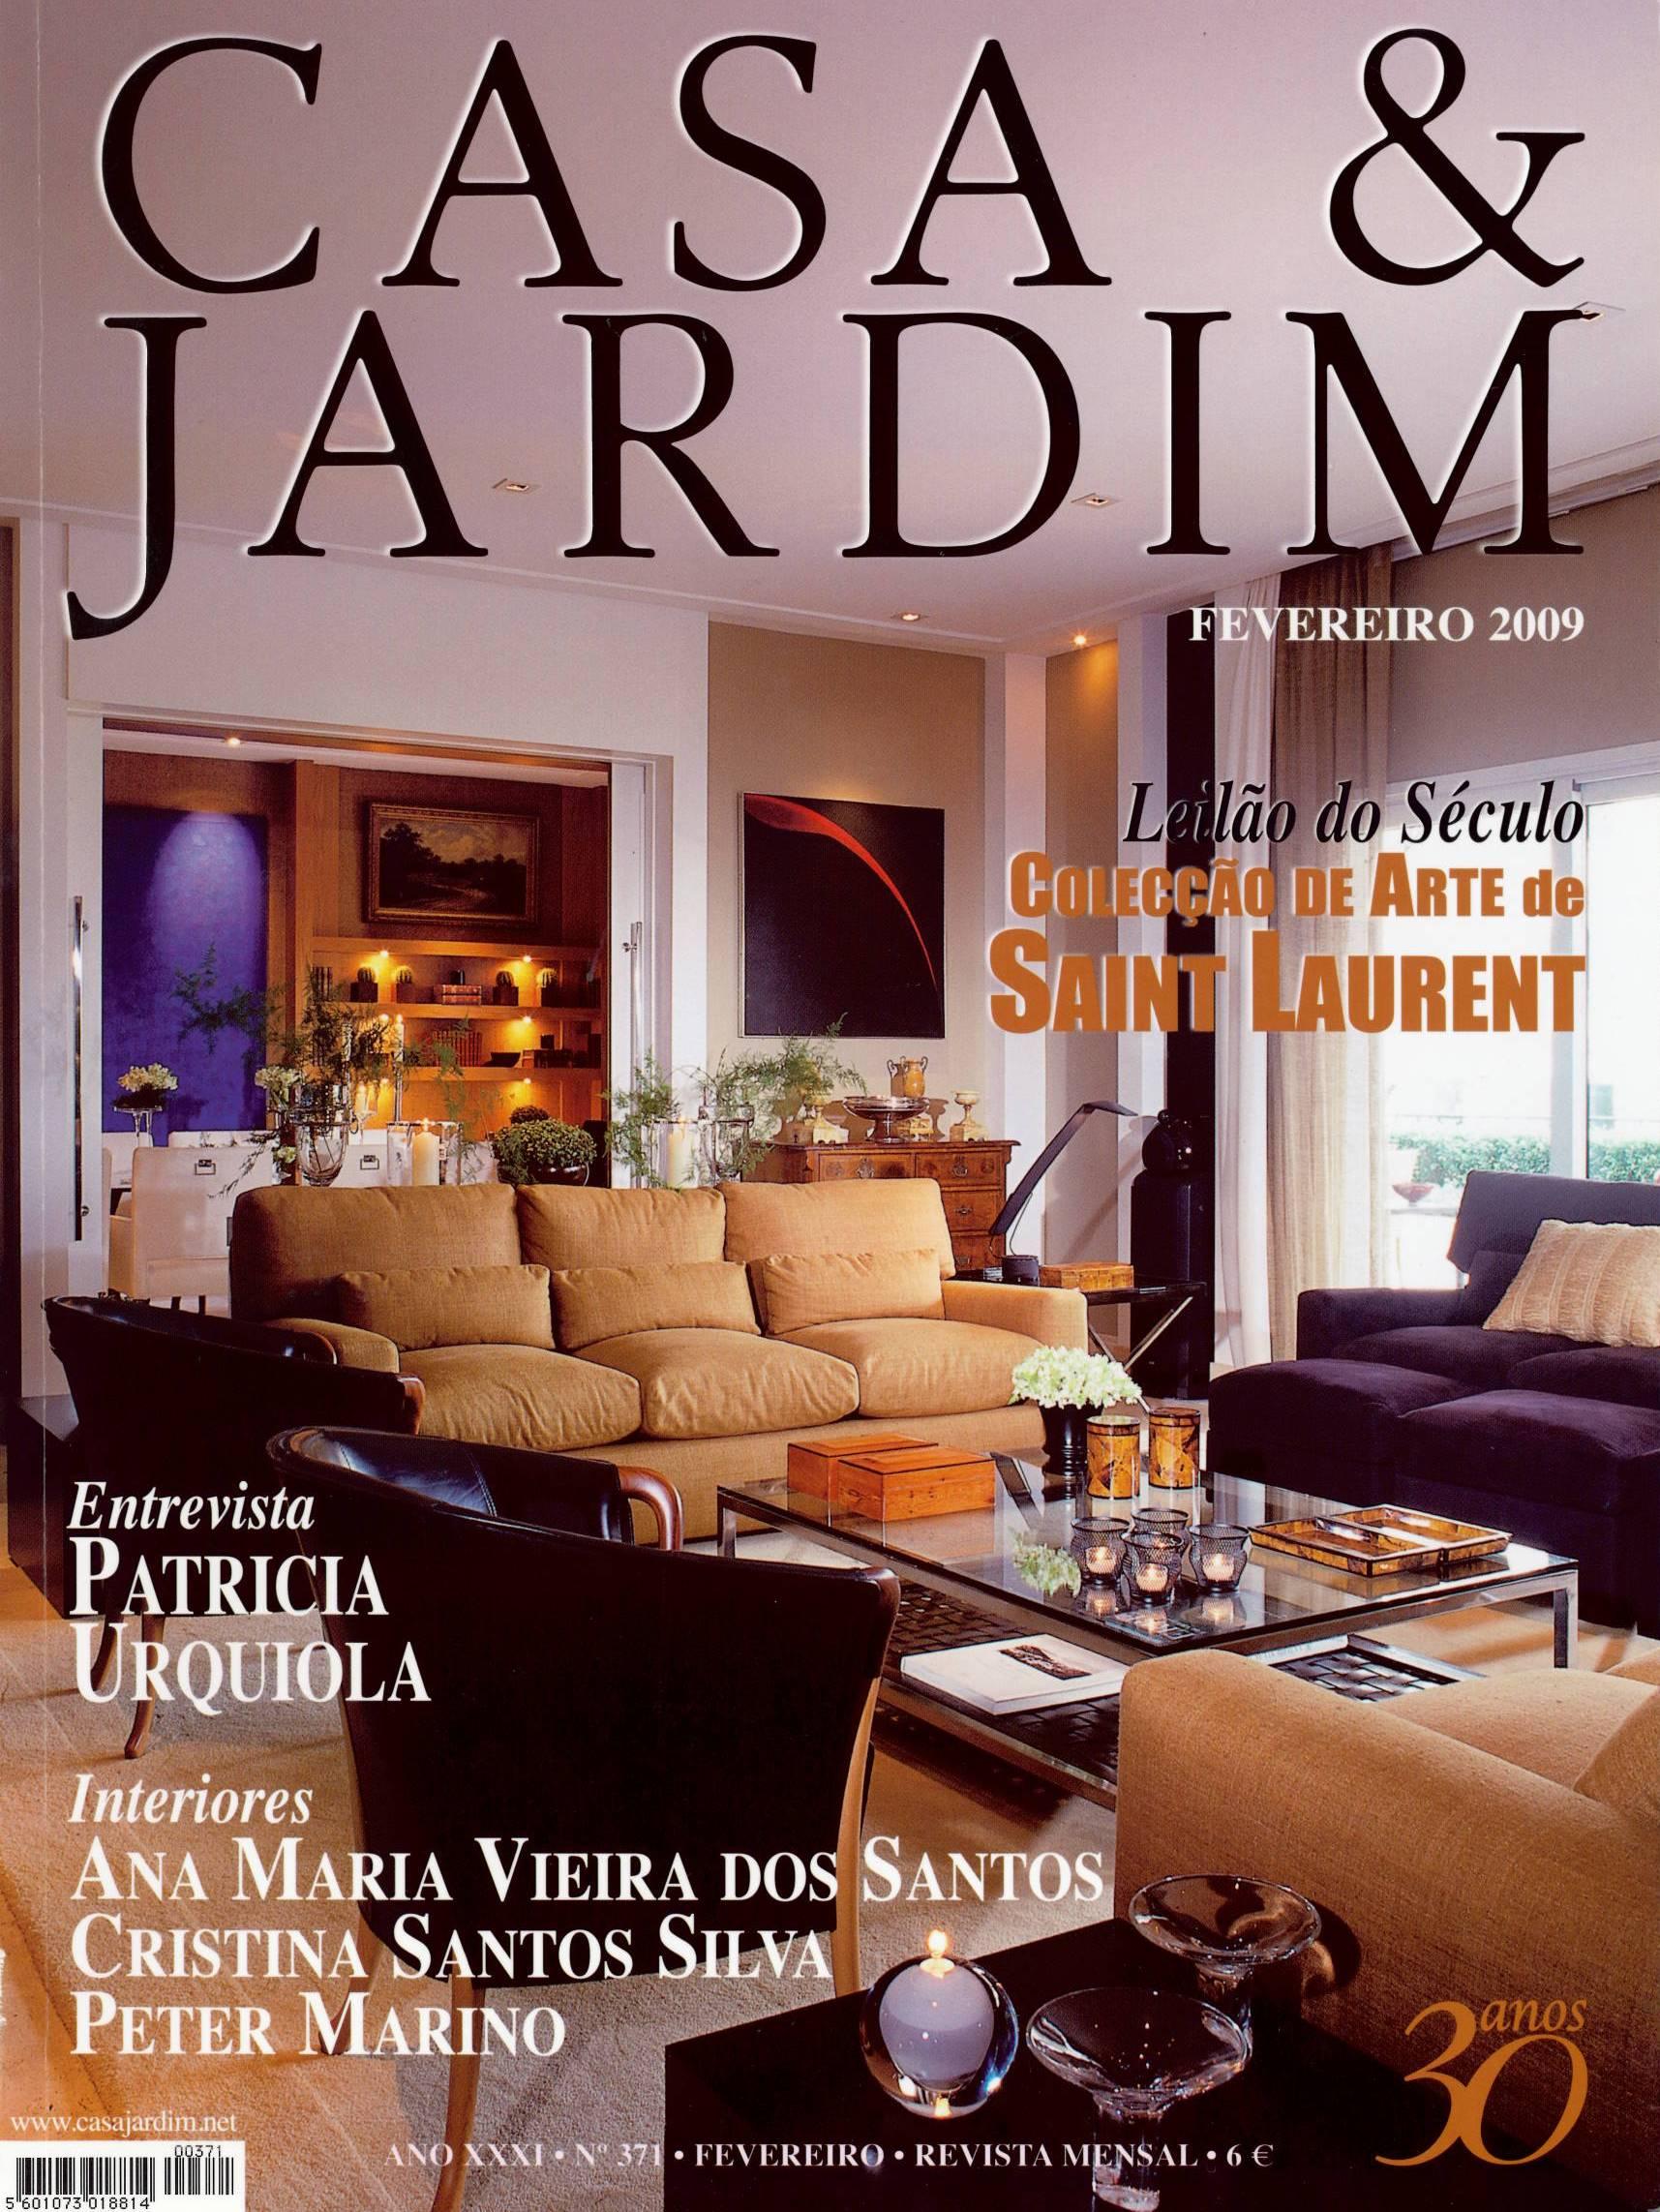 40 - CASA E JARDIM N371 FEV 2009.jpg